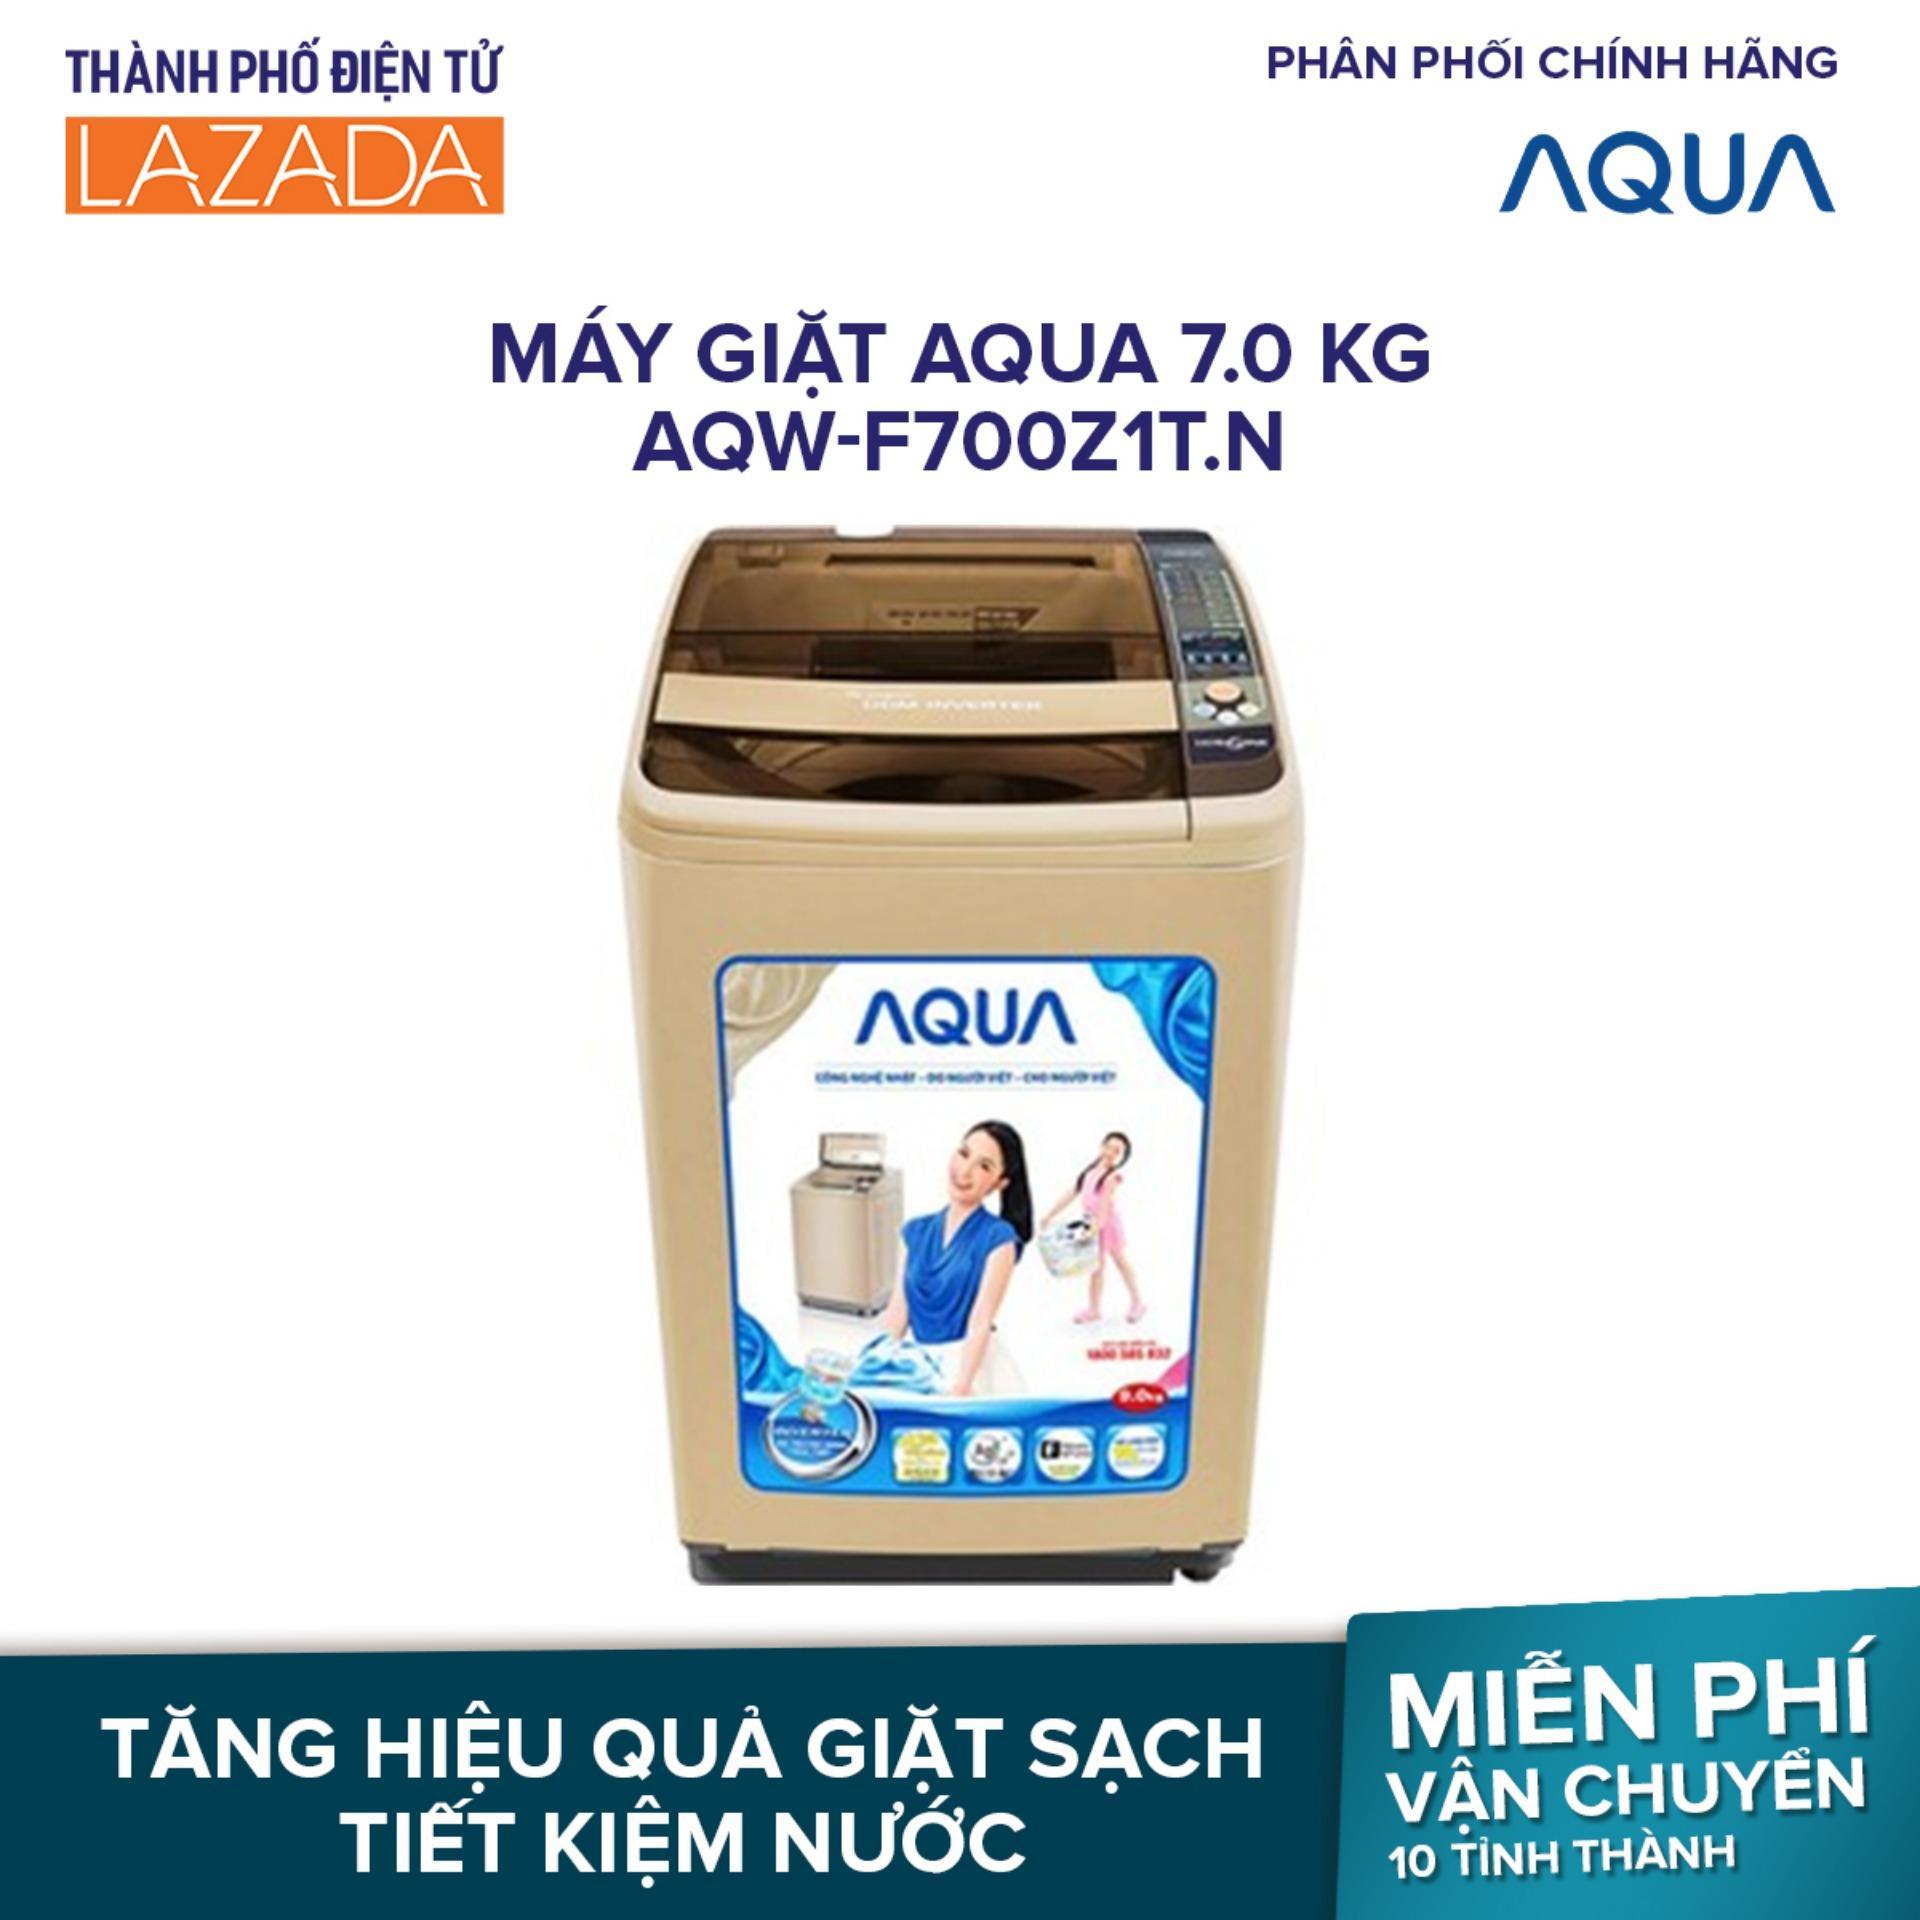 Máy Giặt AQUA 7.0 Kg AQW-F700Z1T.N - Hãng phân phối chính thức